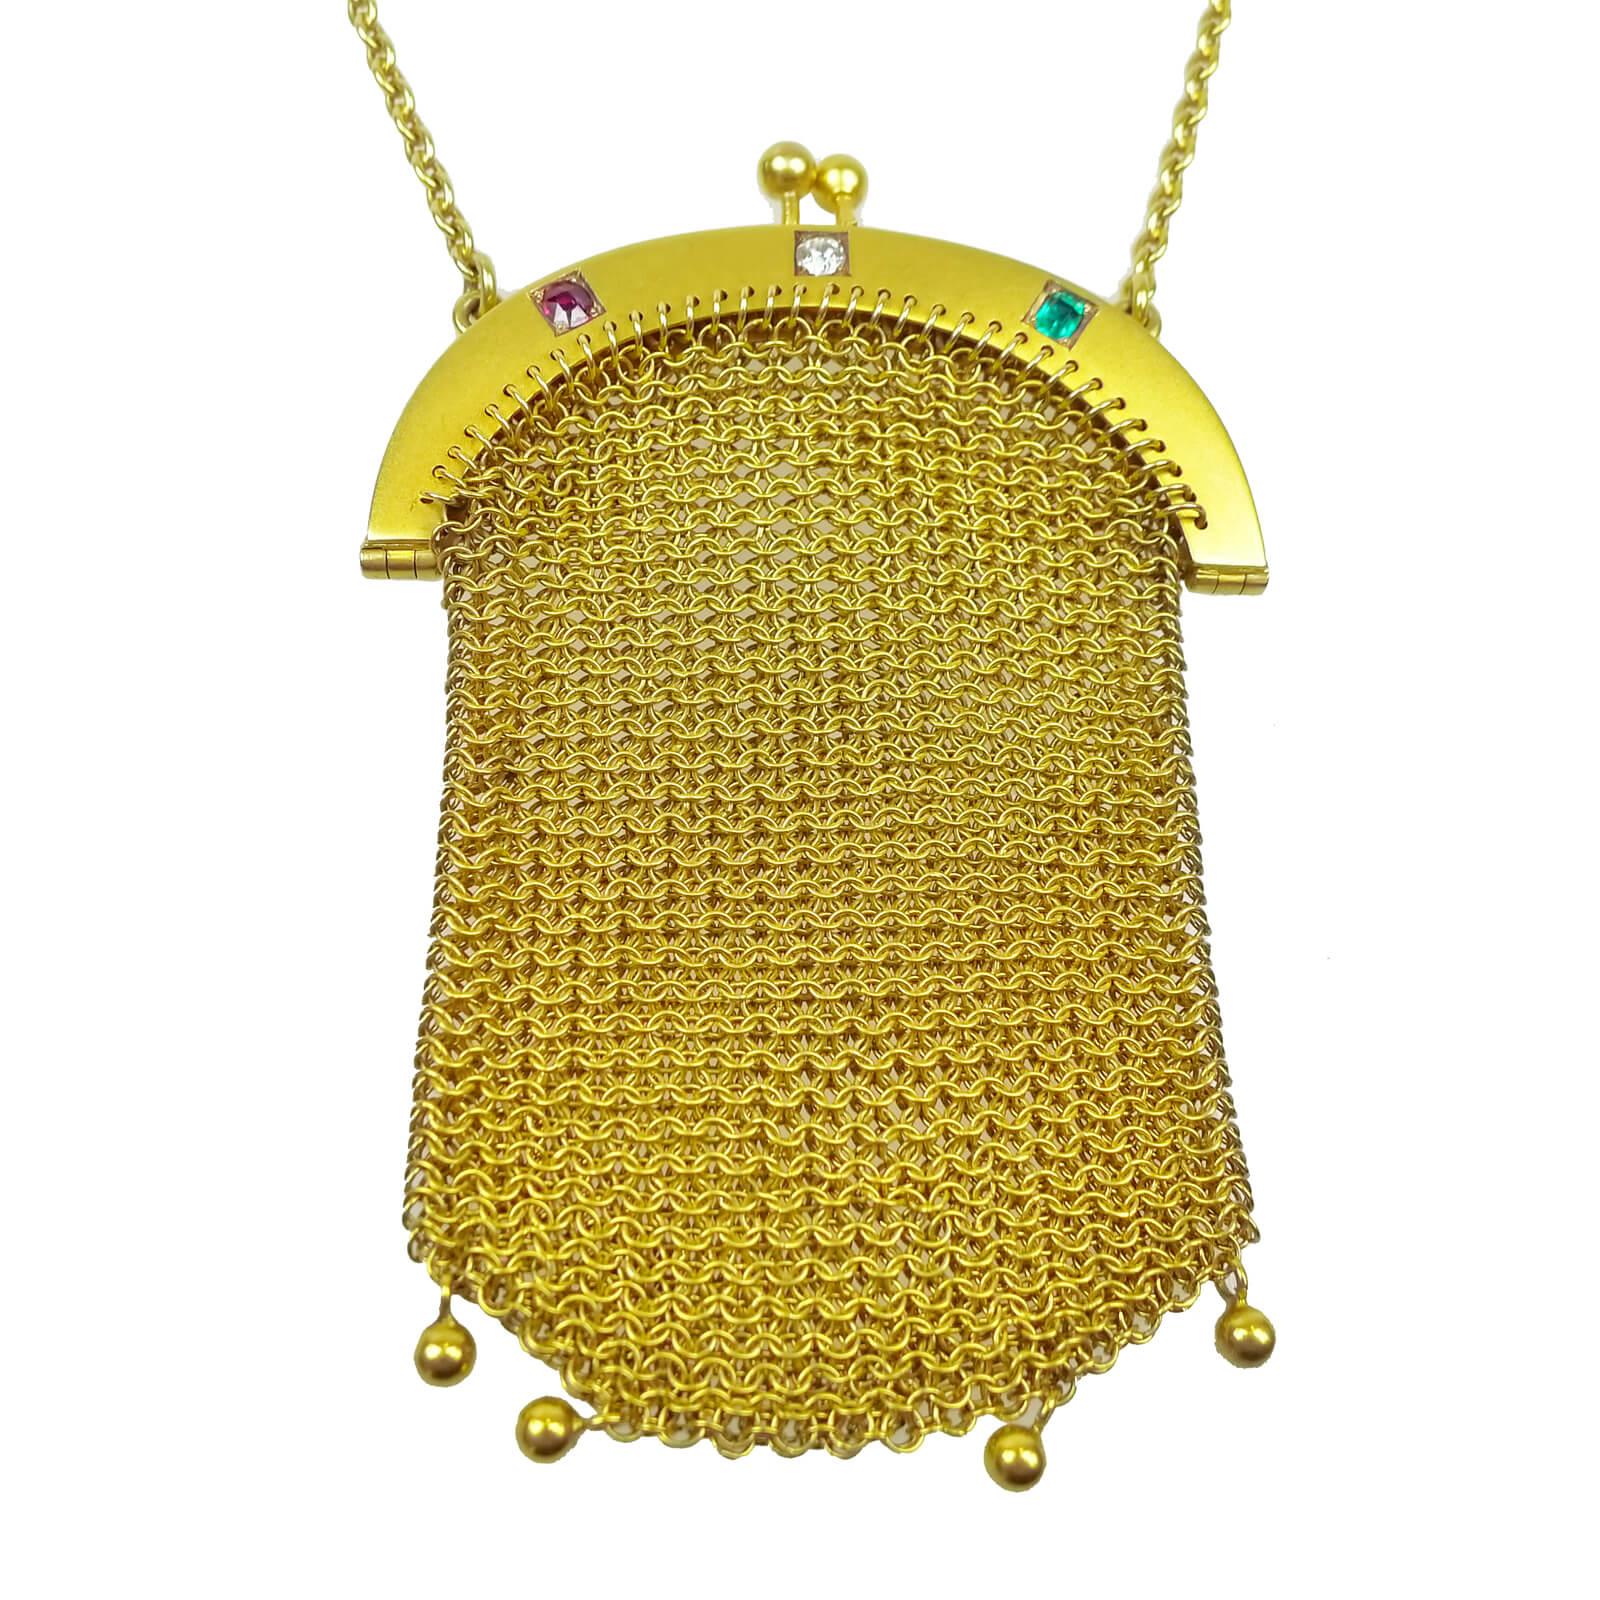 Gold Chain Purse